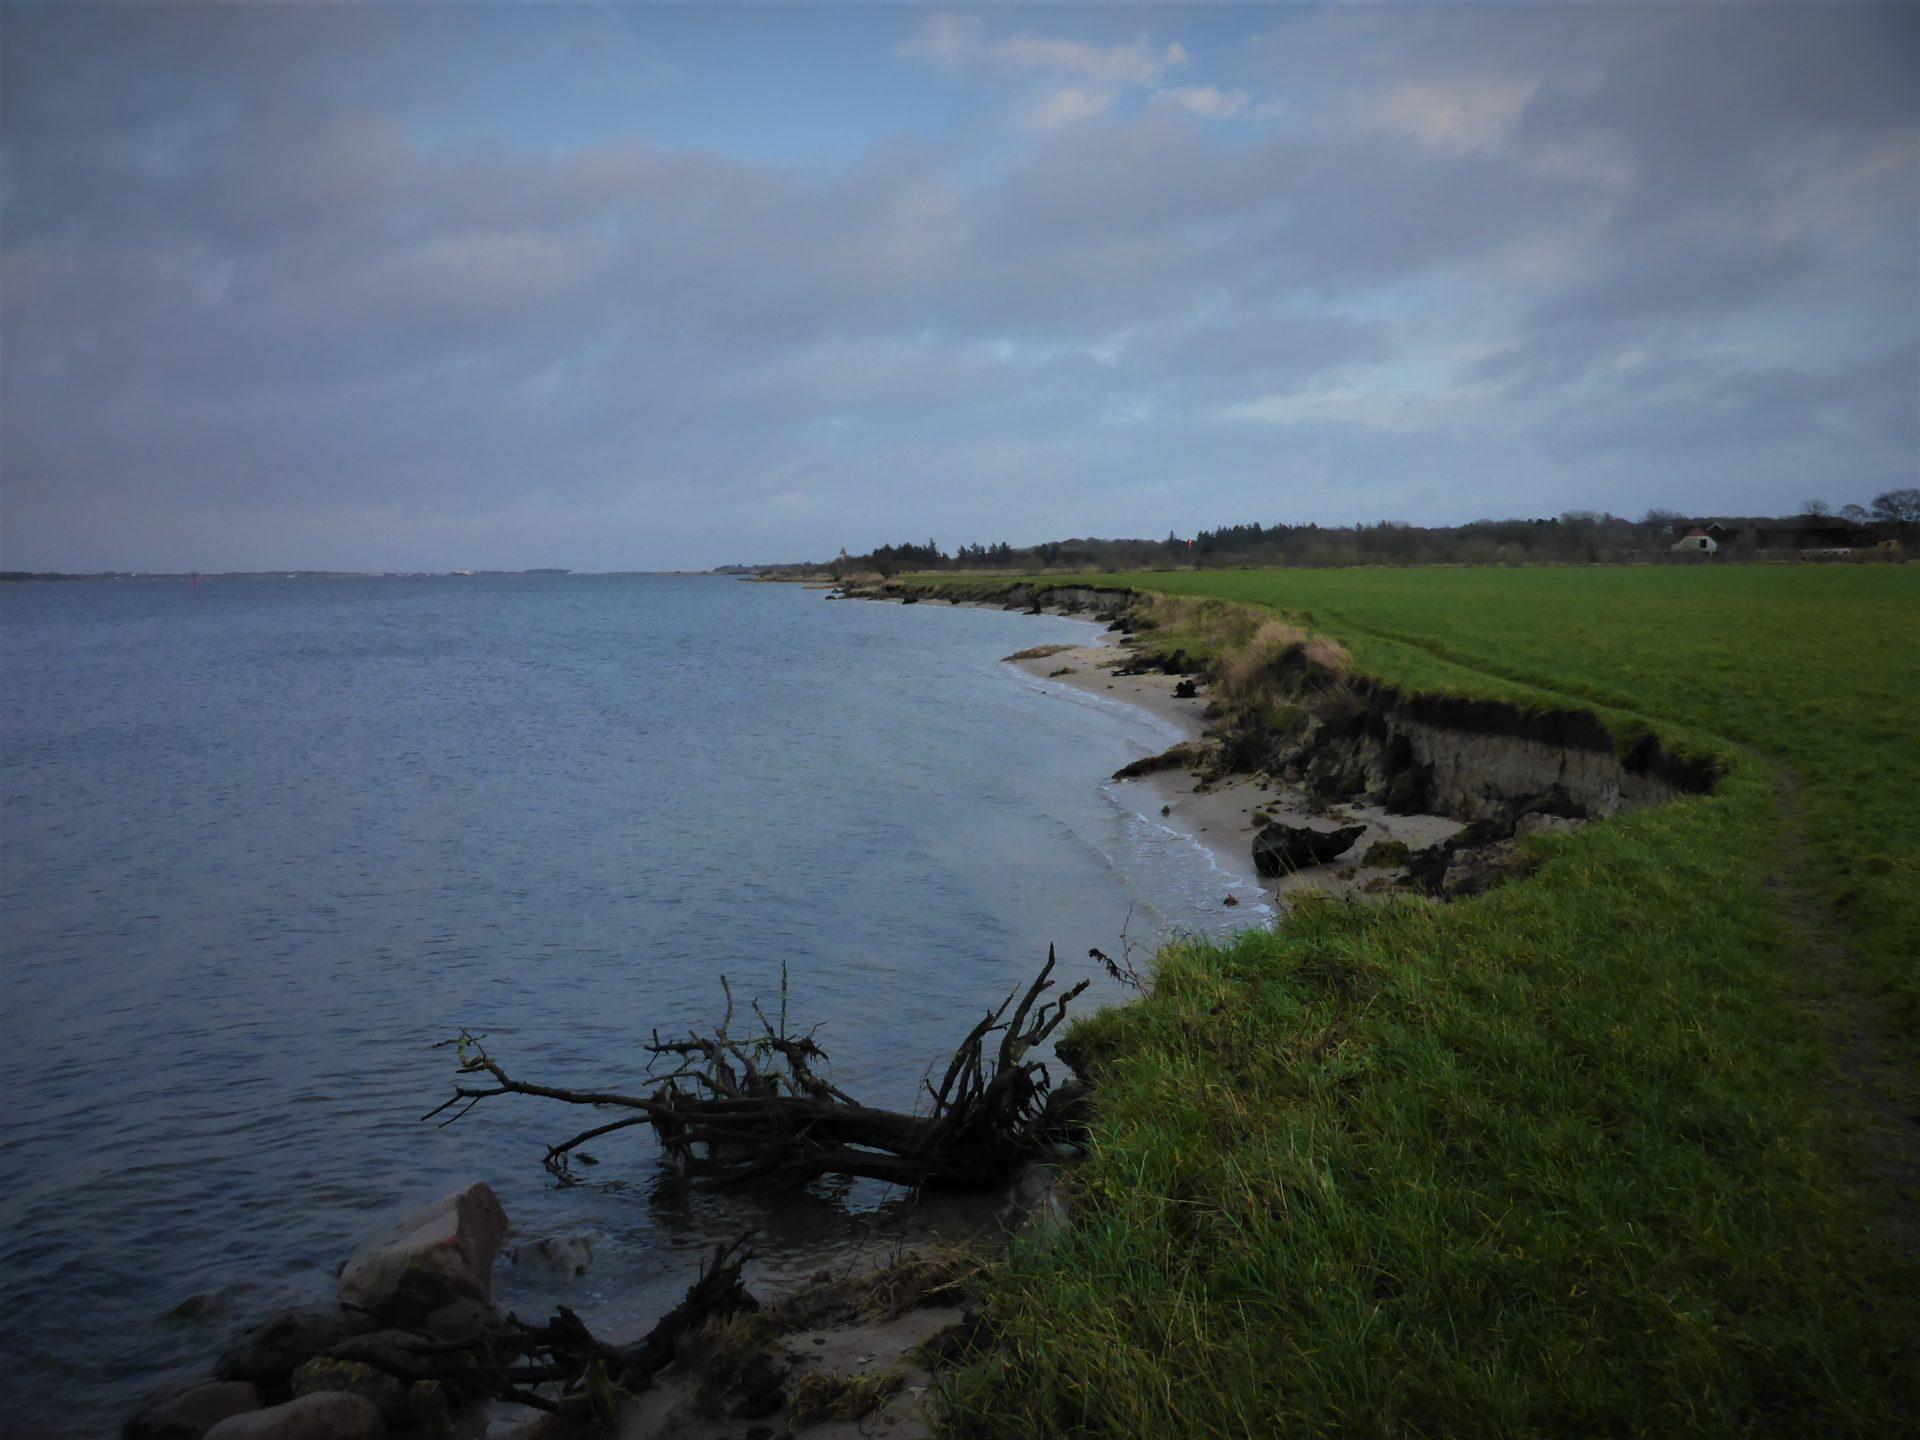 Stjernen er en fiskeplads i sydøst, til fangst af havørred i Limfjorden.